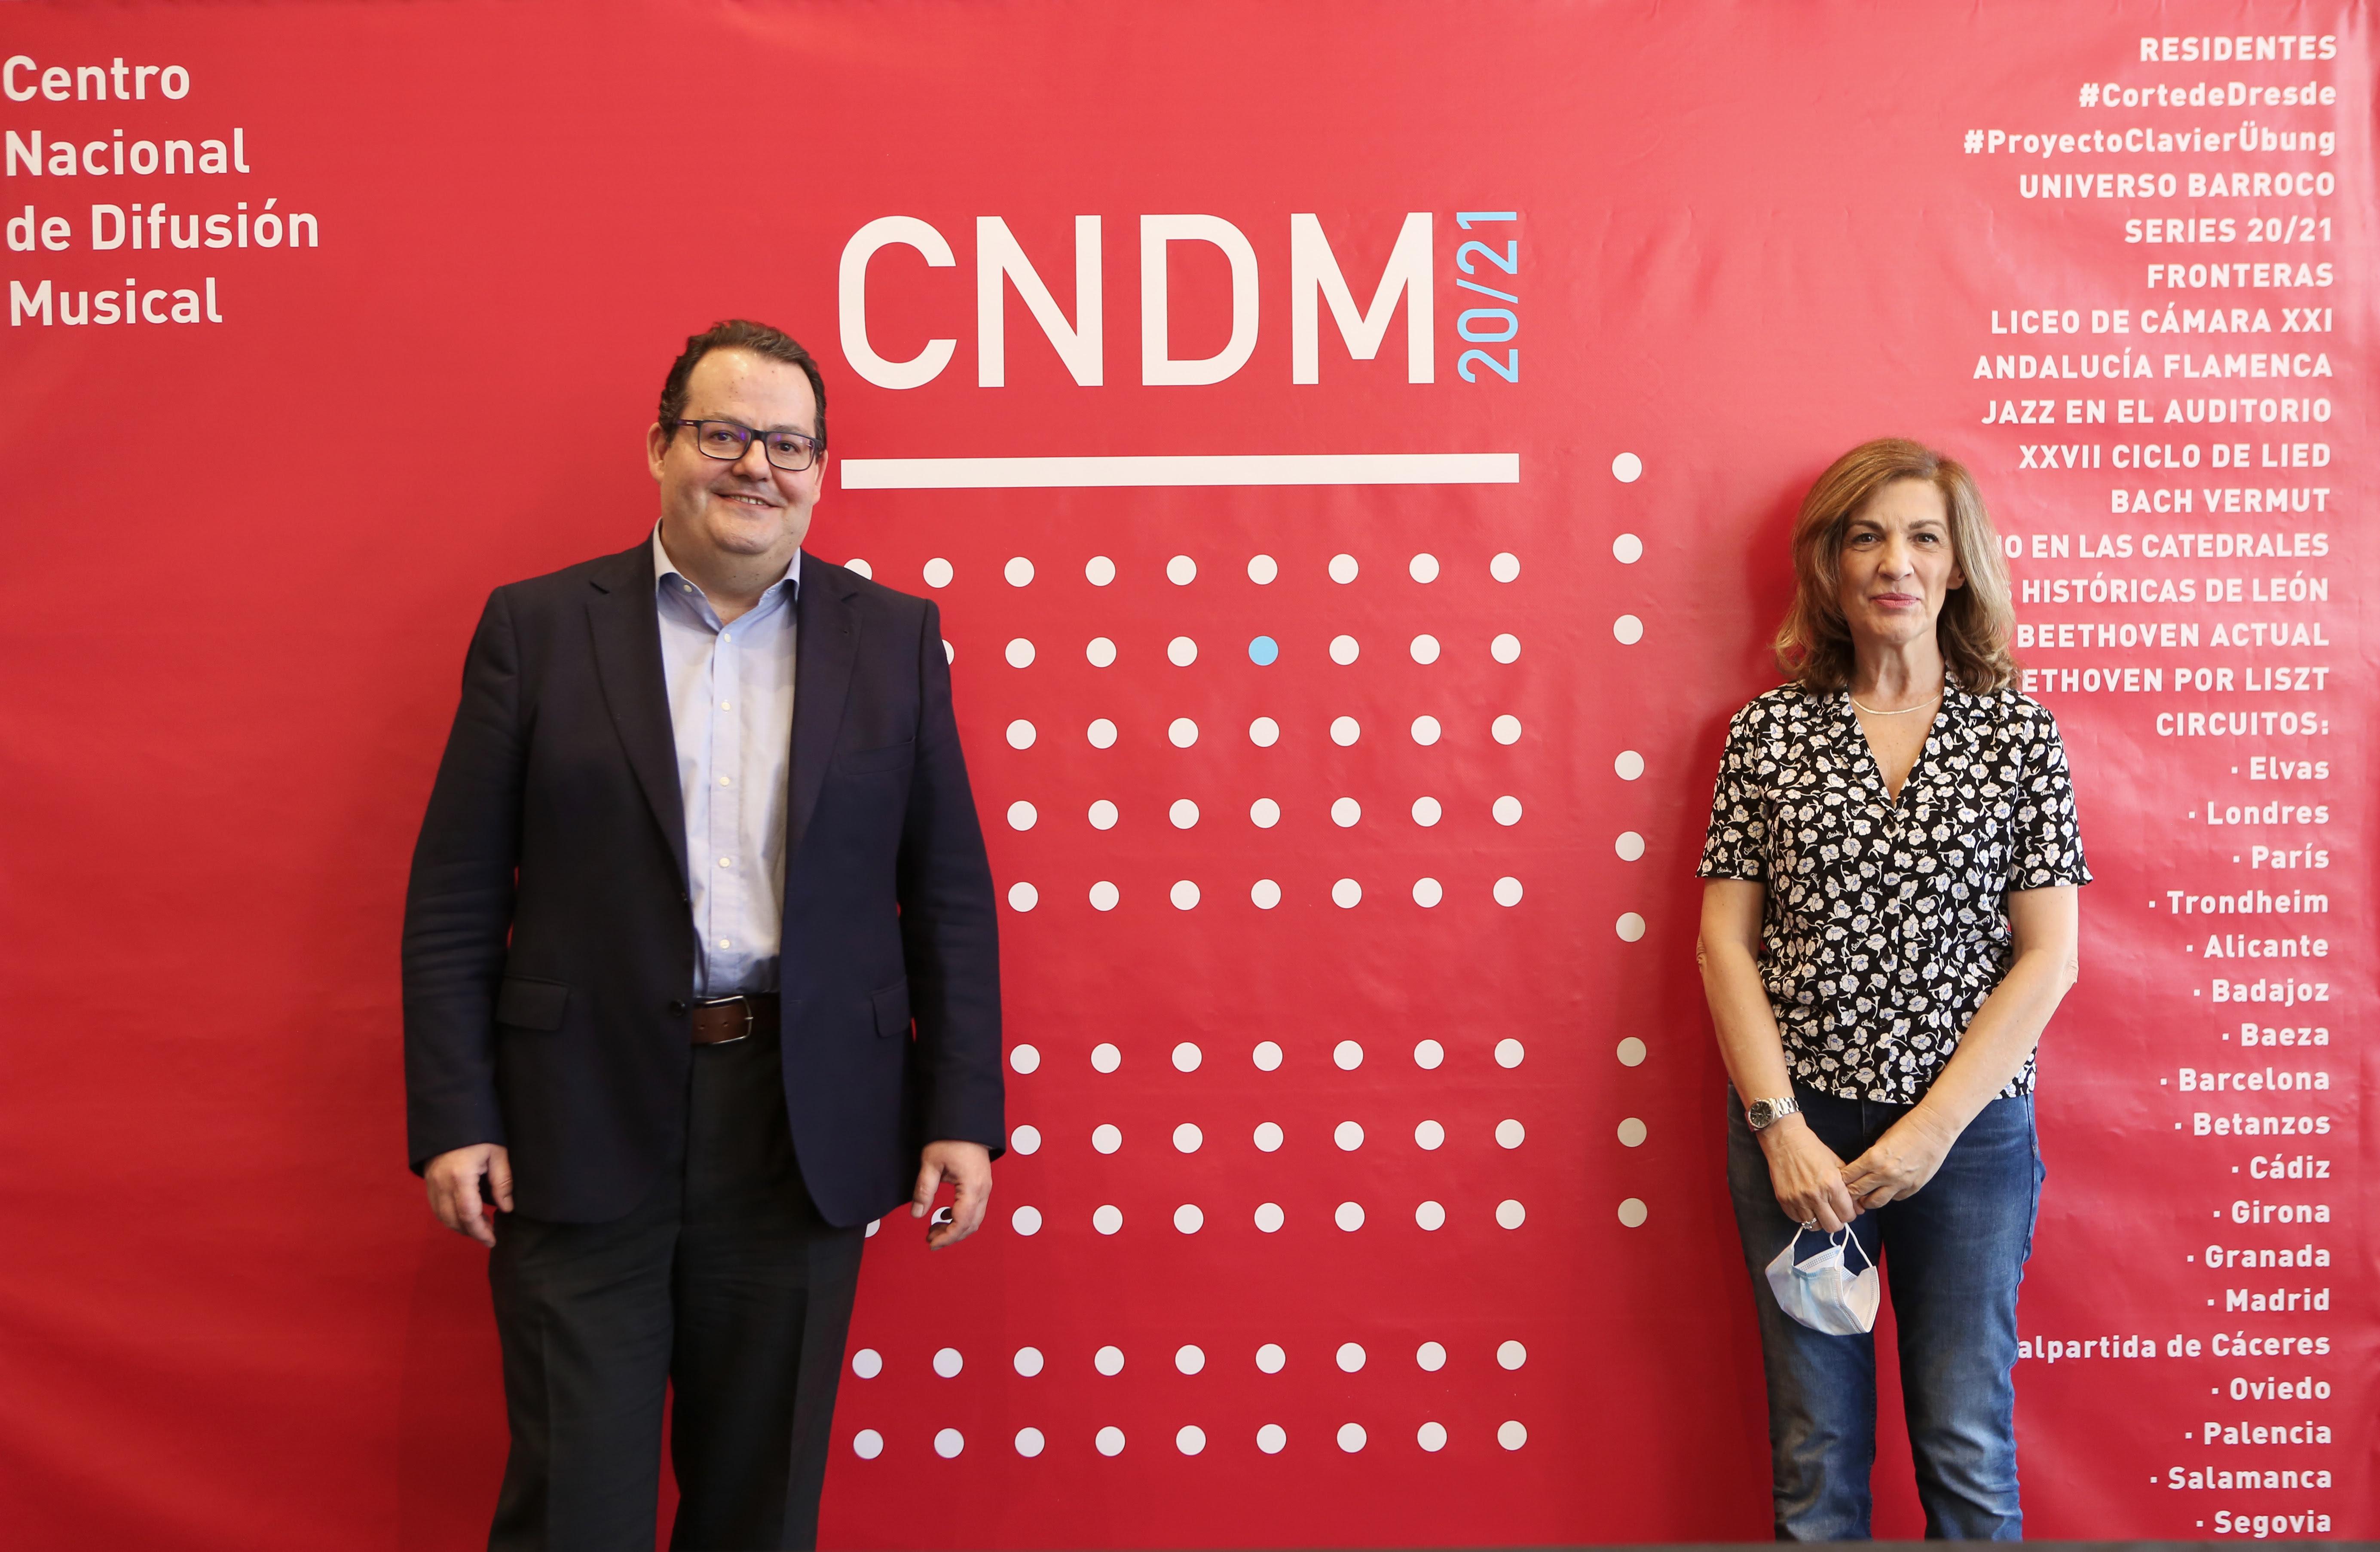 Francisco Lorenzo y Amaya de Miguel presentando la temporada 2020-2021 del Centro Nacional de Difusión Musical.